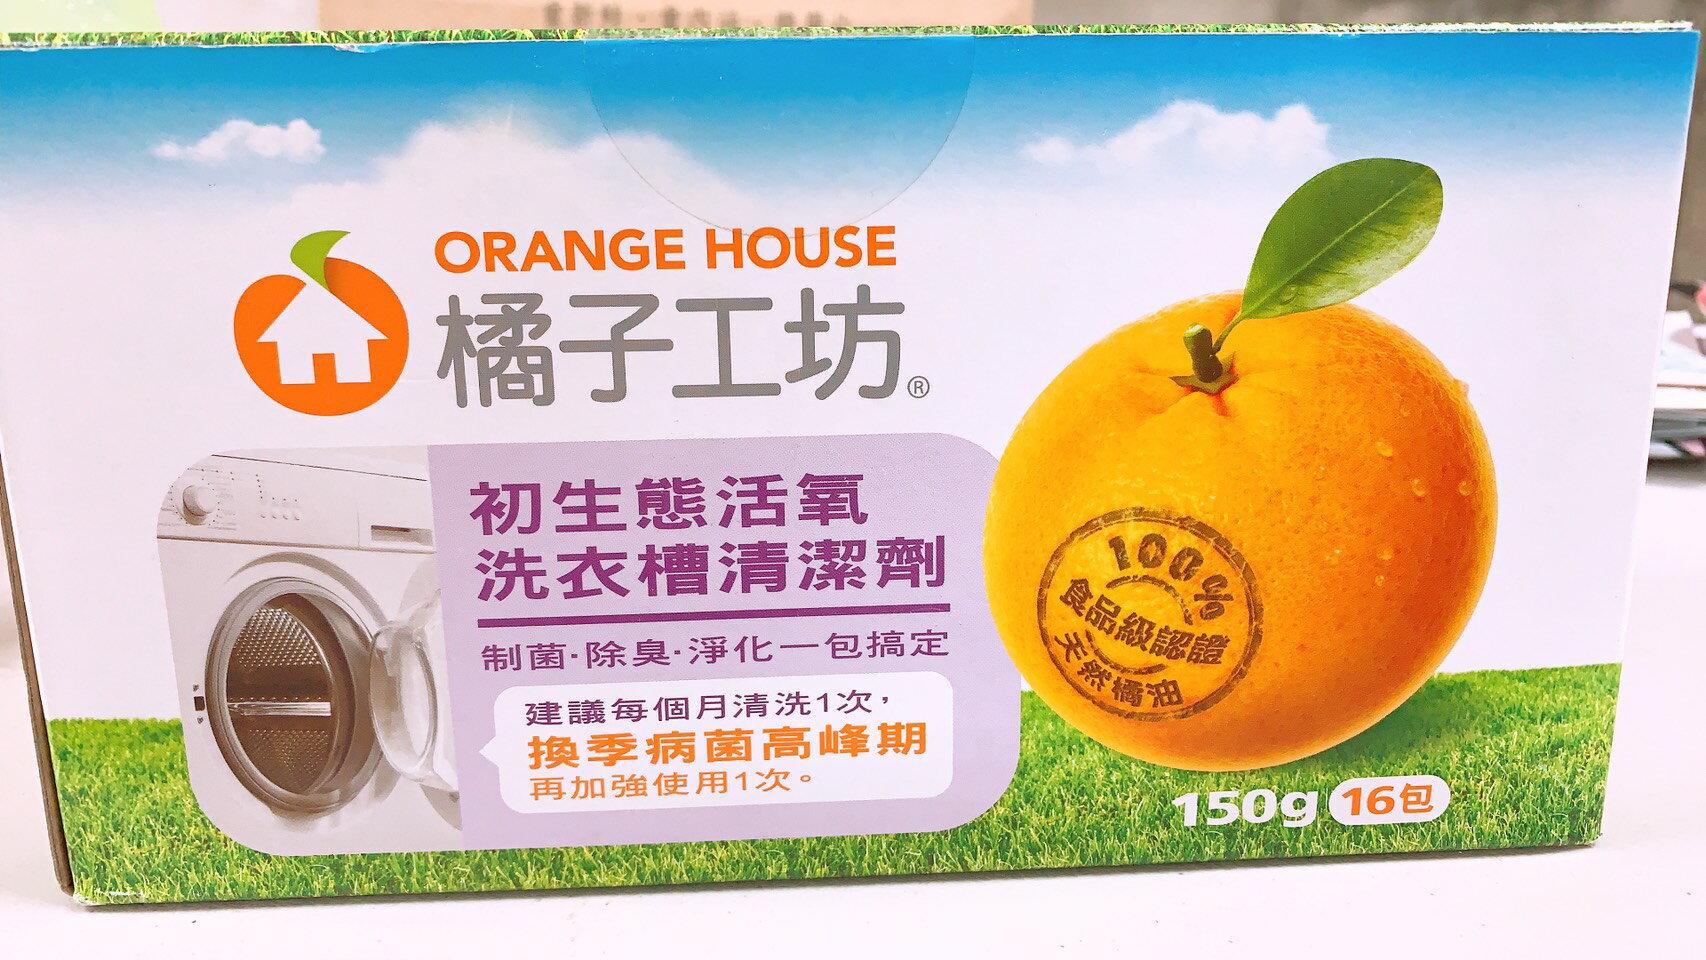 橘子工坊 初生態活氧洗衣槽清潔劑 120gx16包  洗衣機 清潔 清洗 清潔劑 超取限2箱